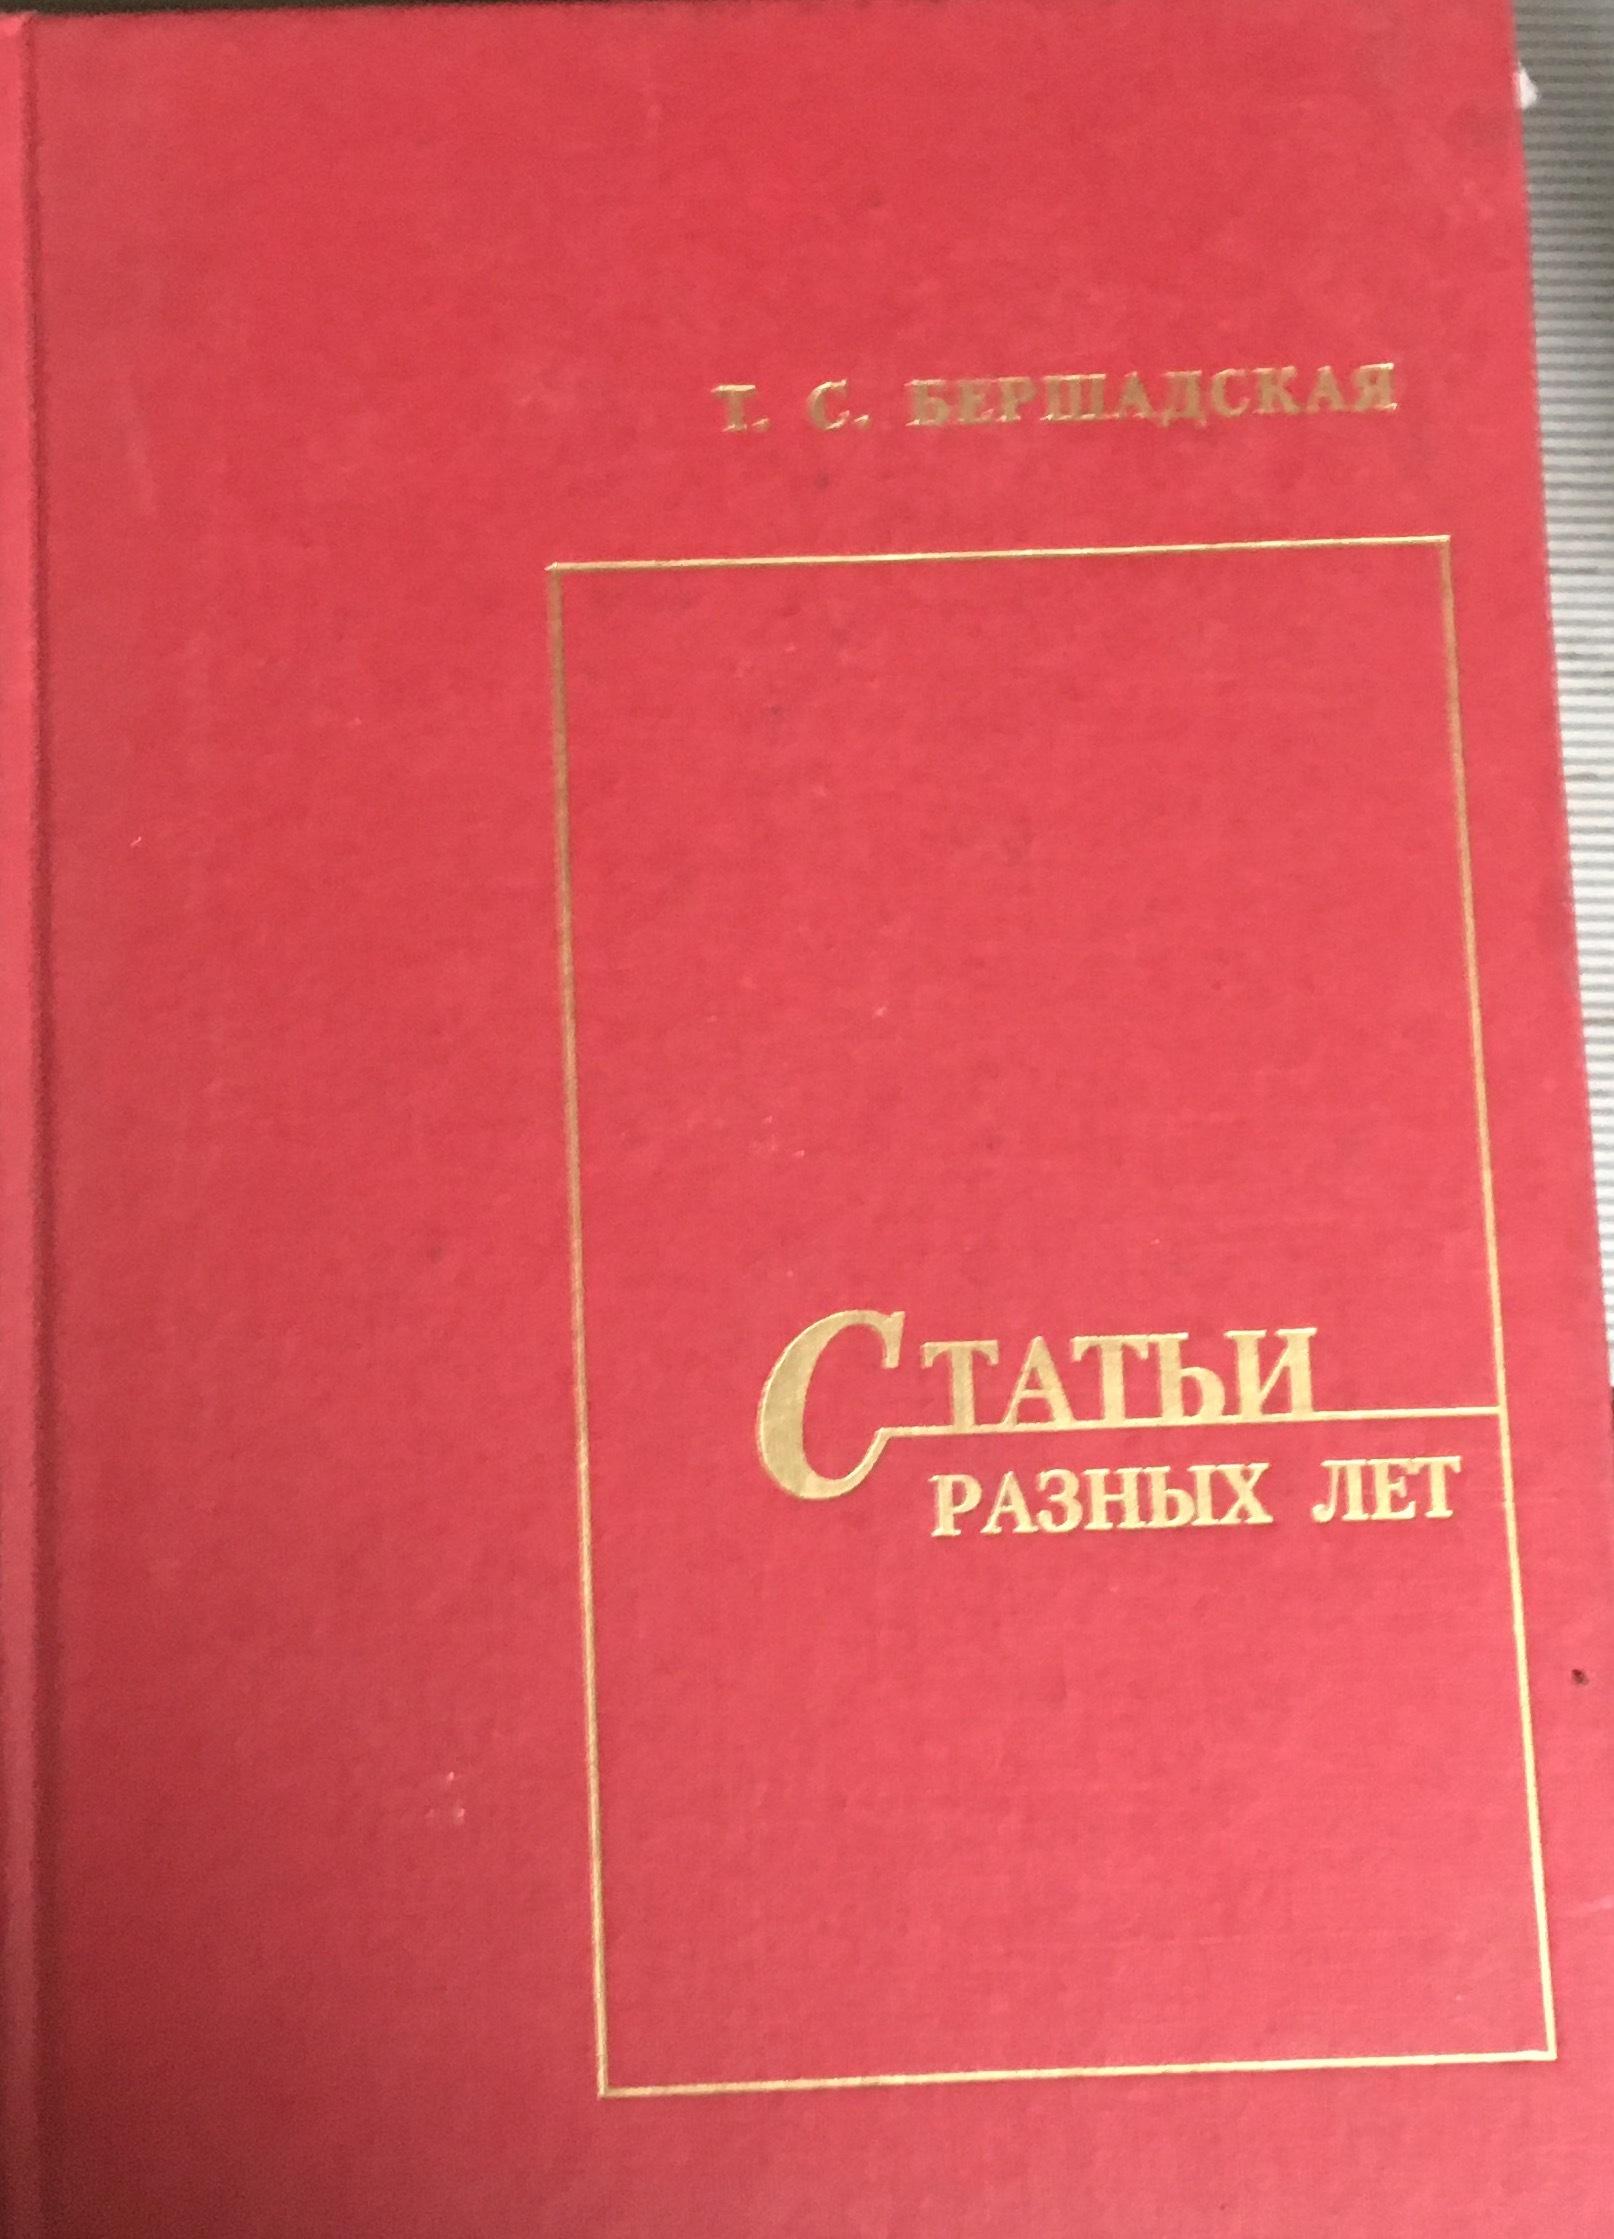 ロシア語書籍 ***_e0197114_03195234.jpeg